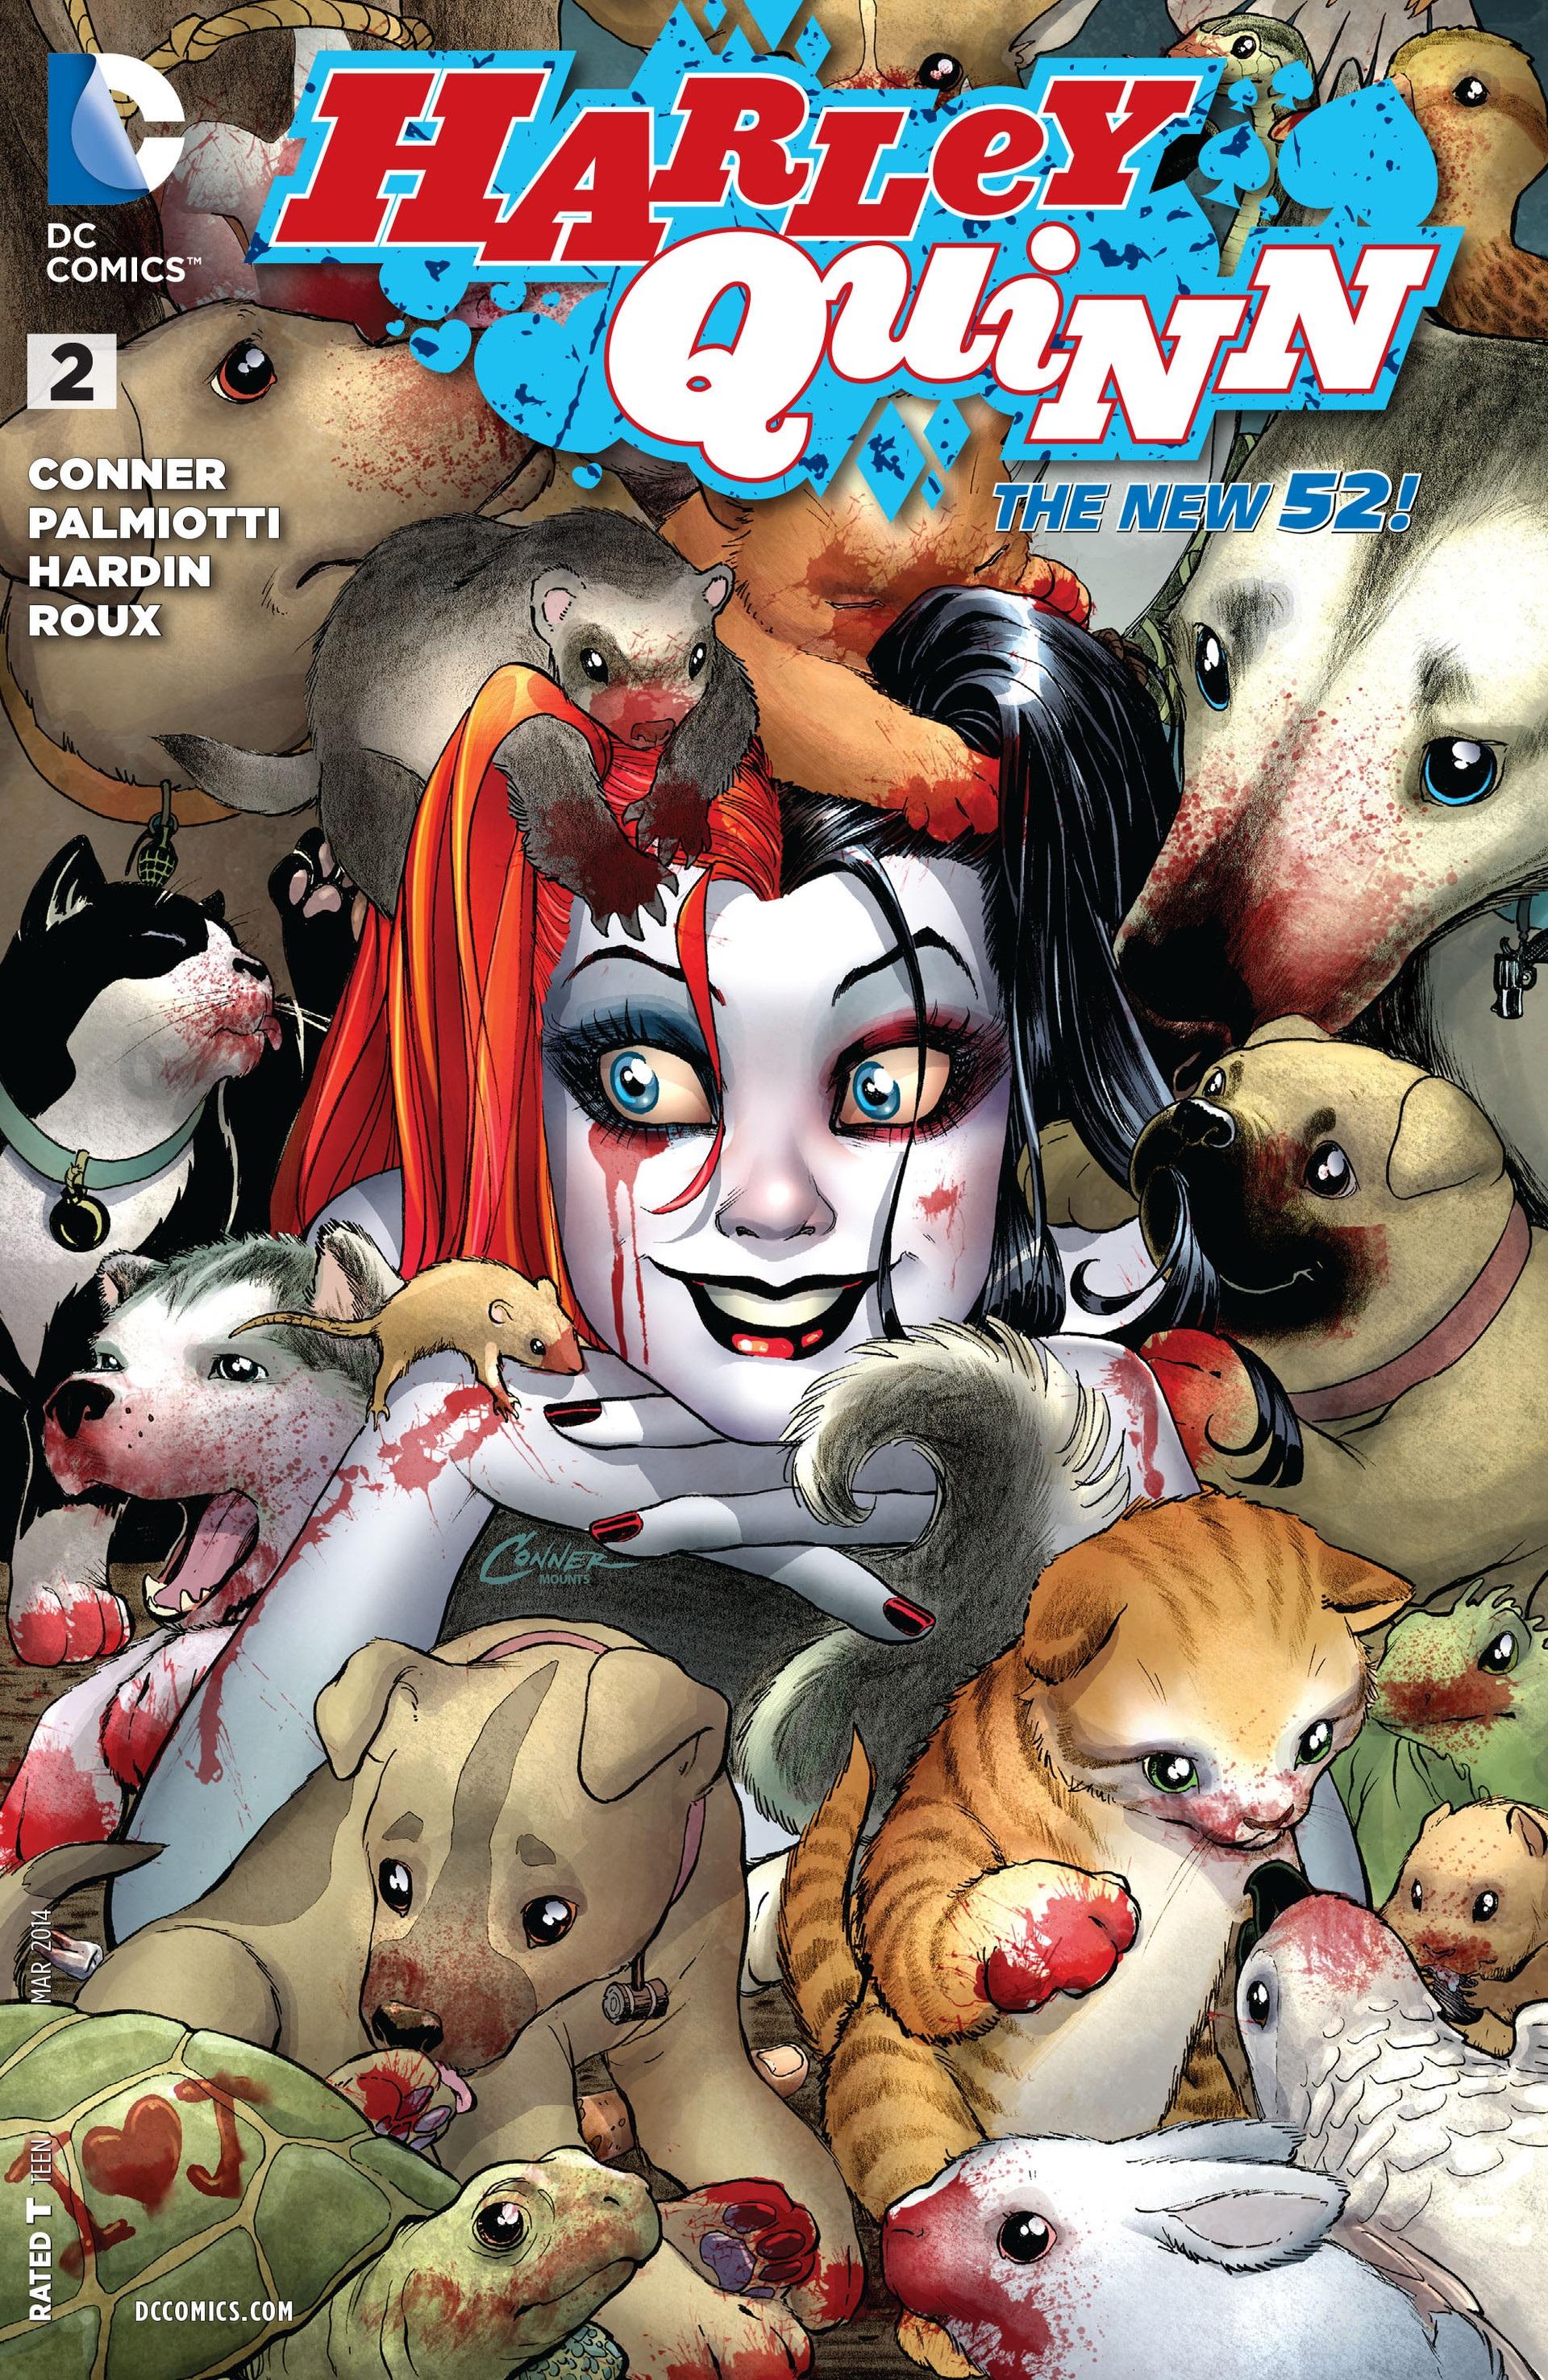 ♪♫Lady in red♪♫....¿Dónde fue la primera aparición de Harley Quinn?